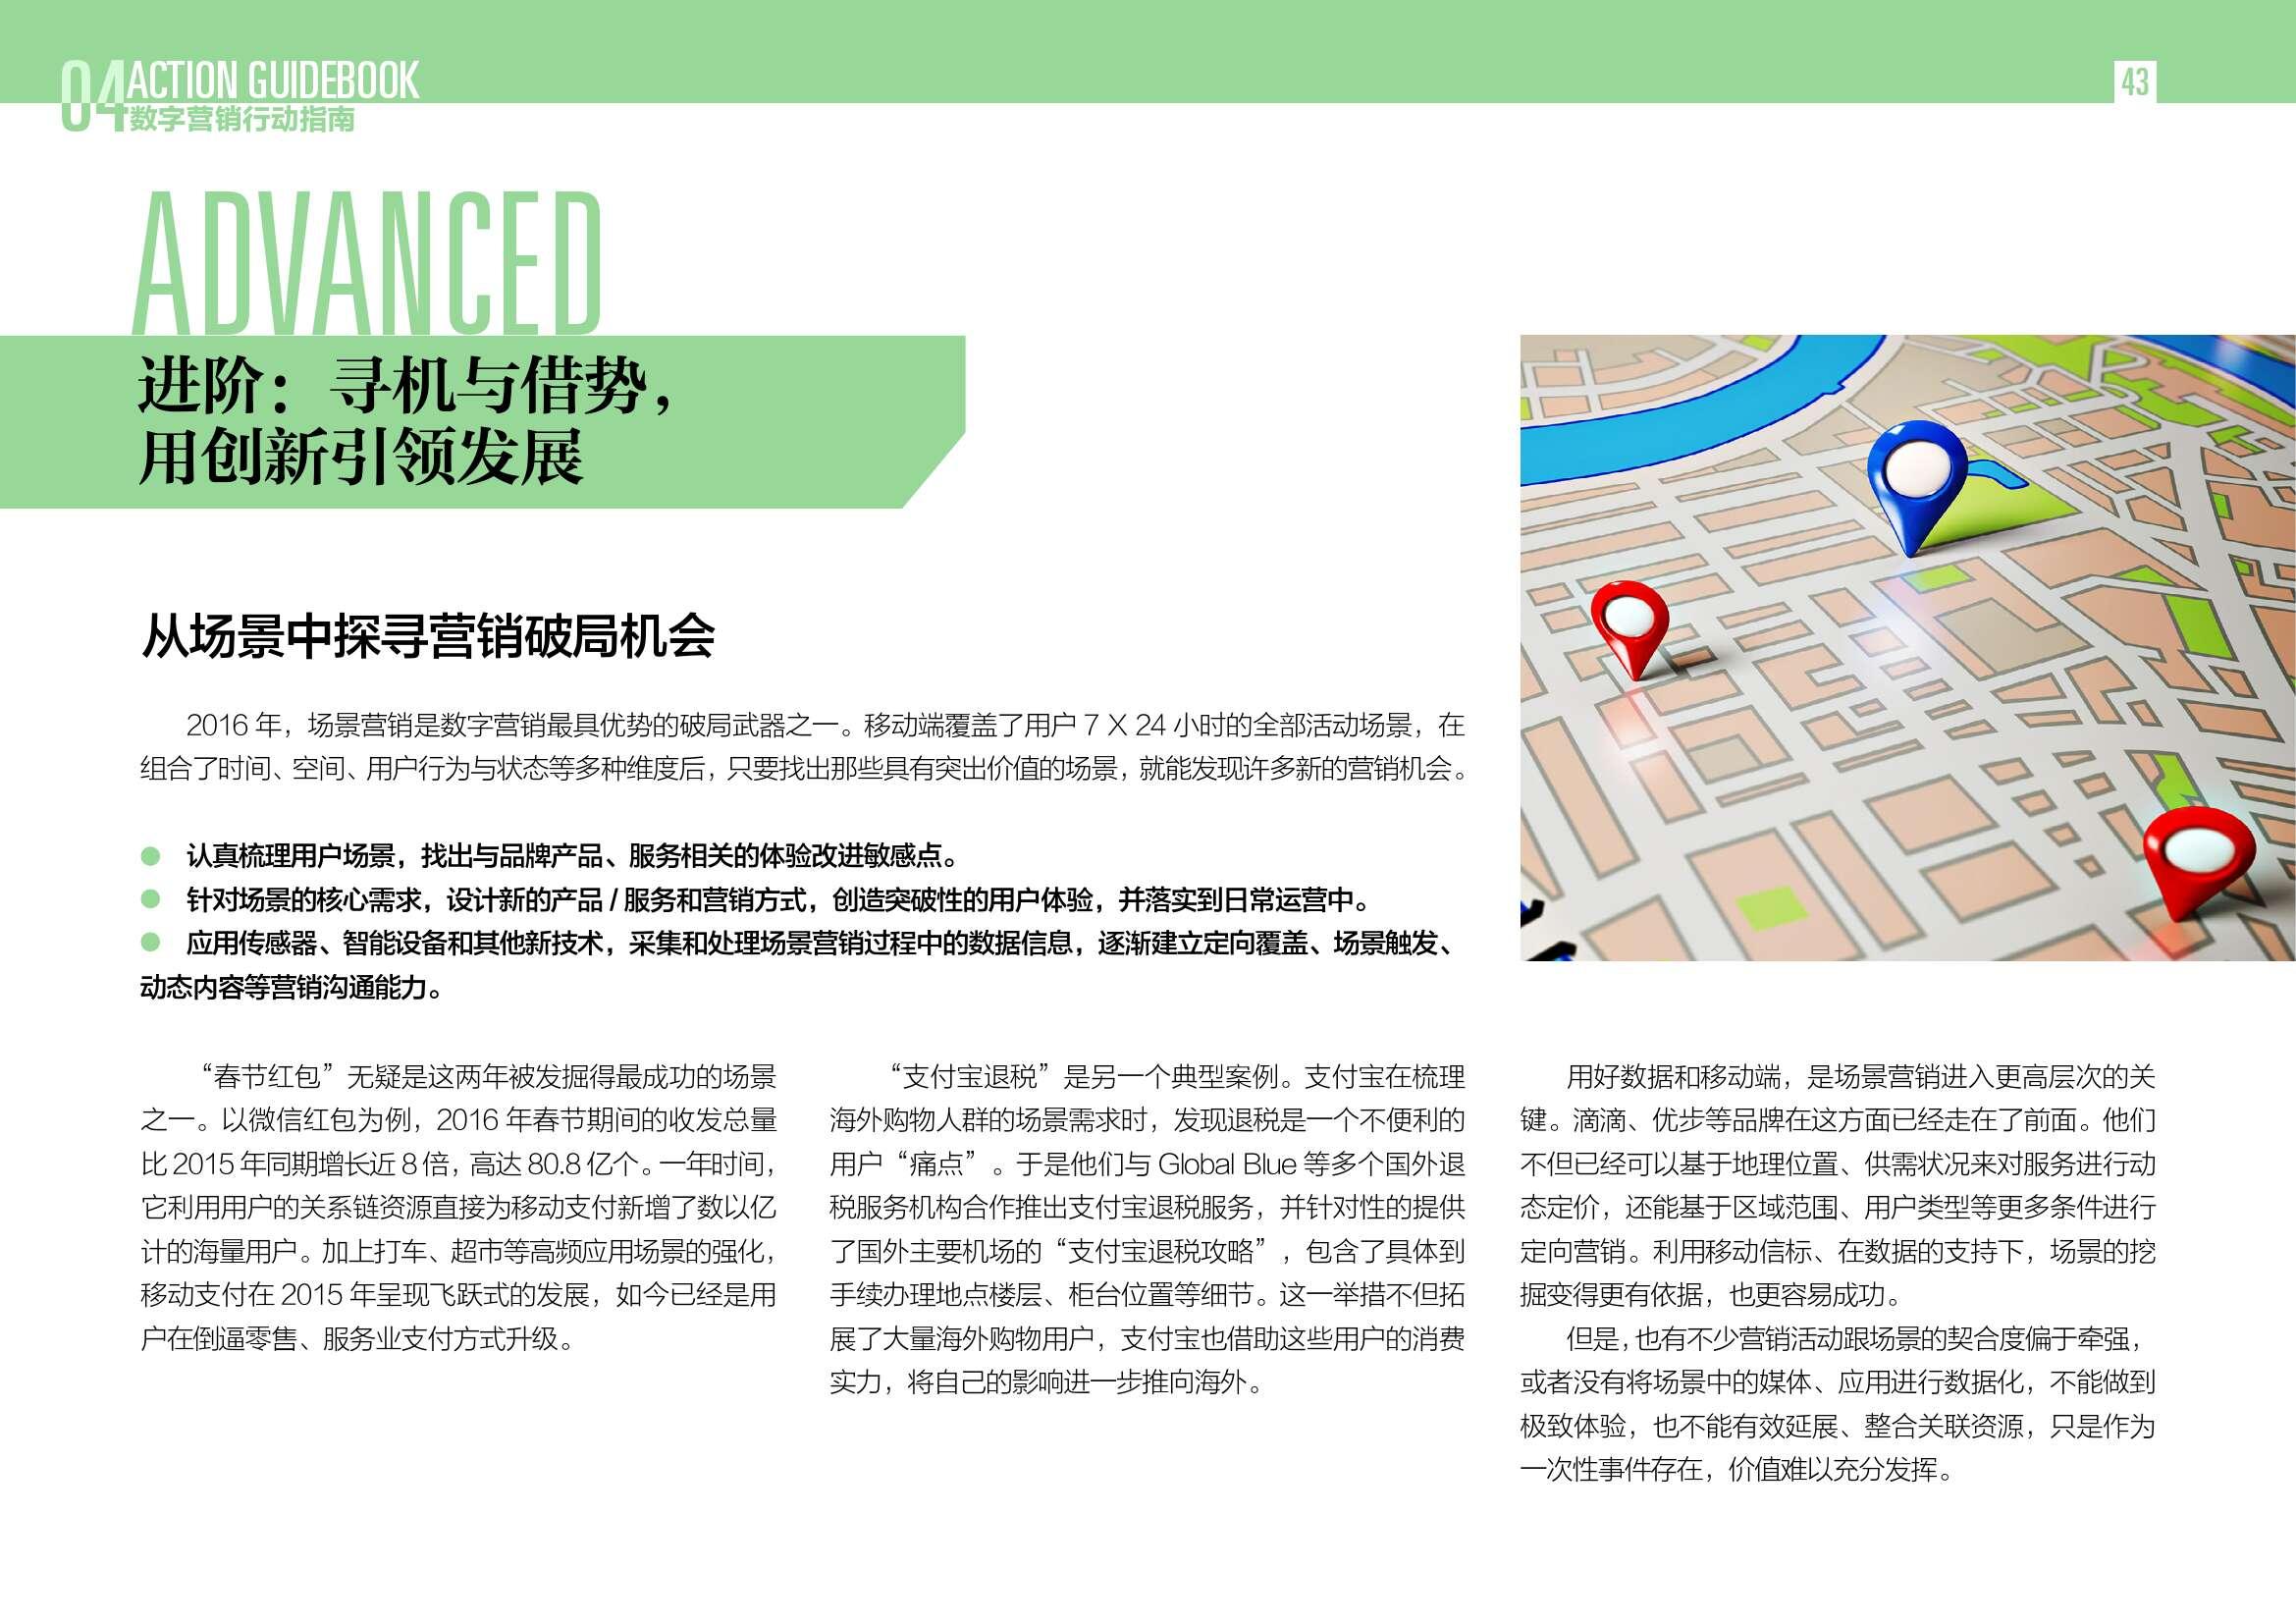 2016中国数字营销行动报告_000043